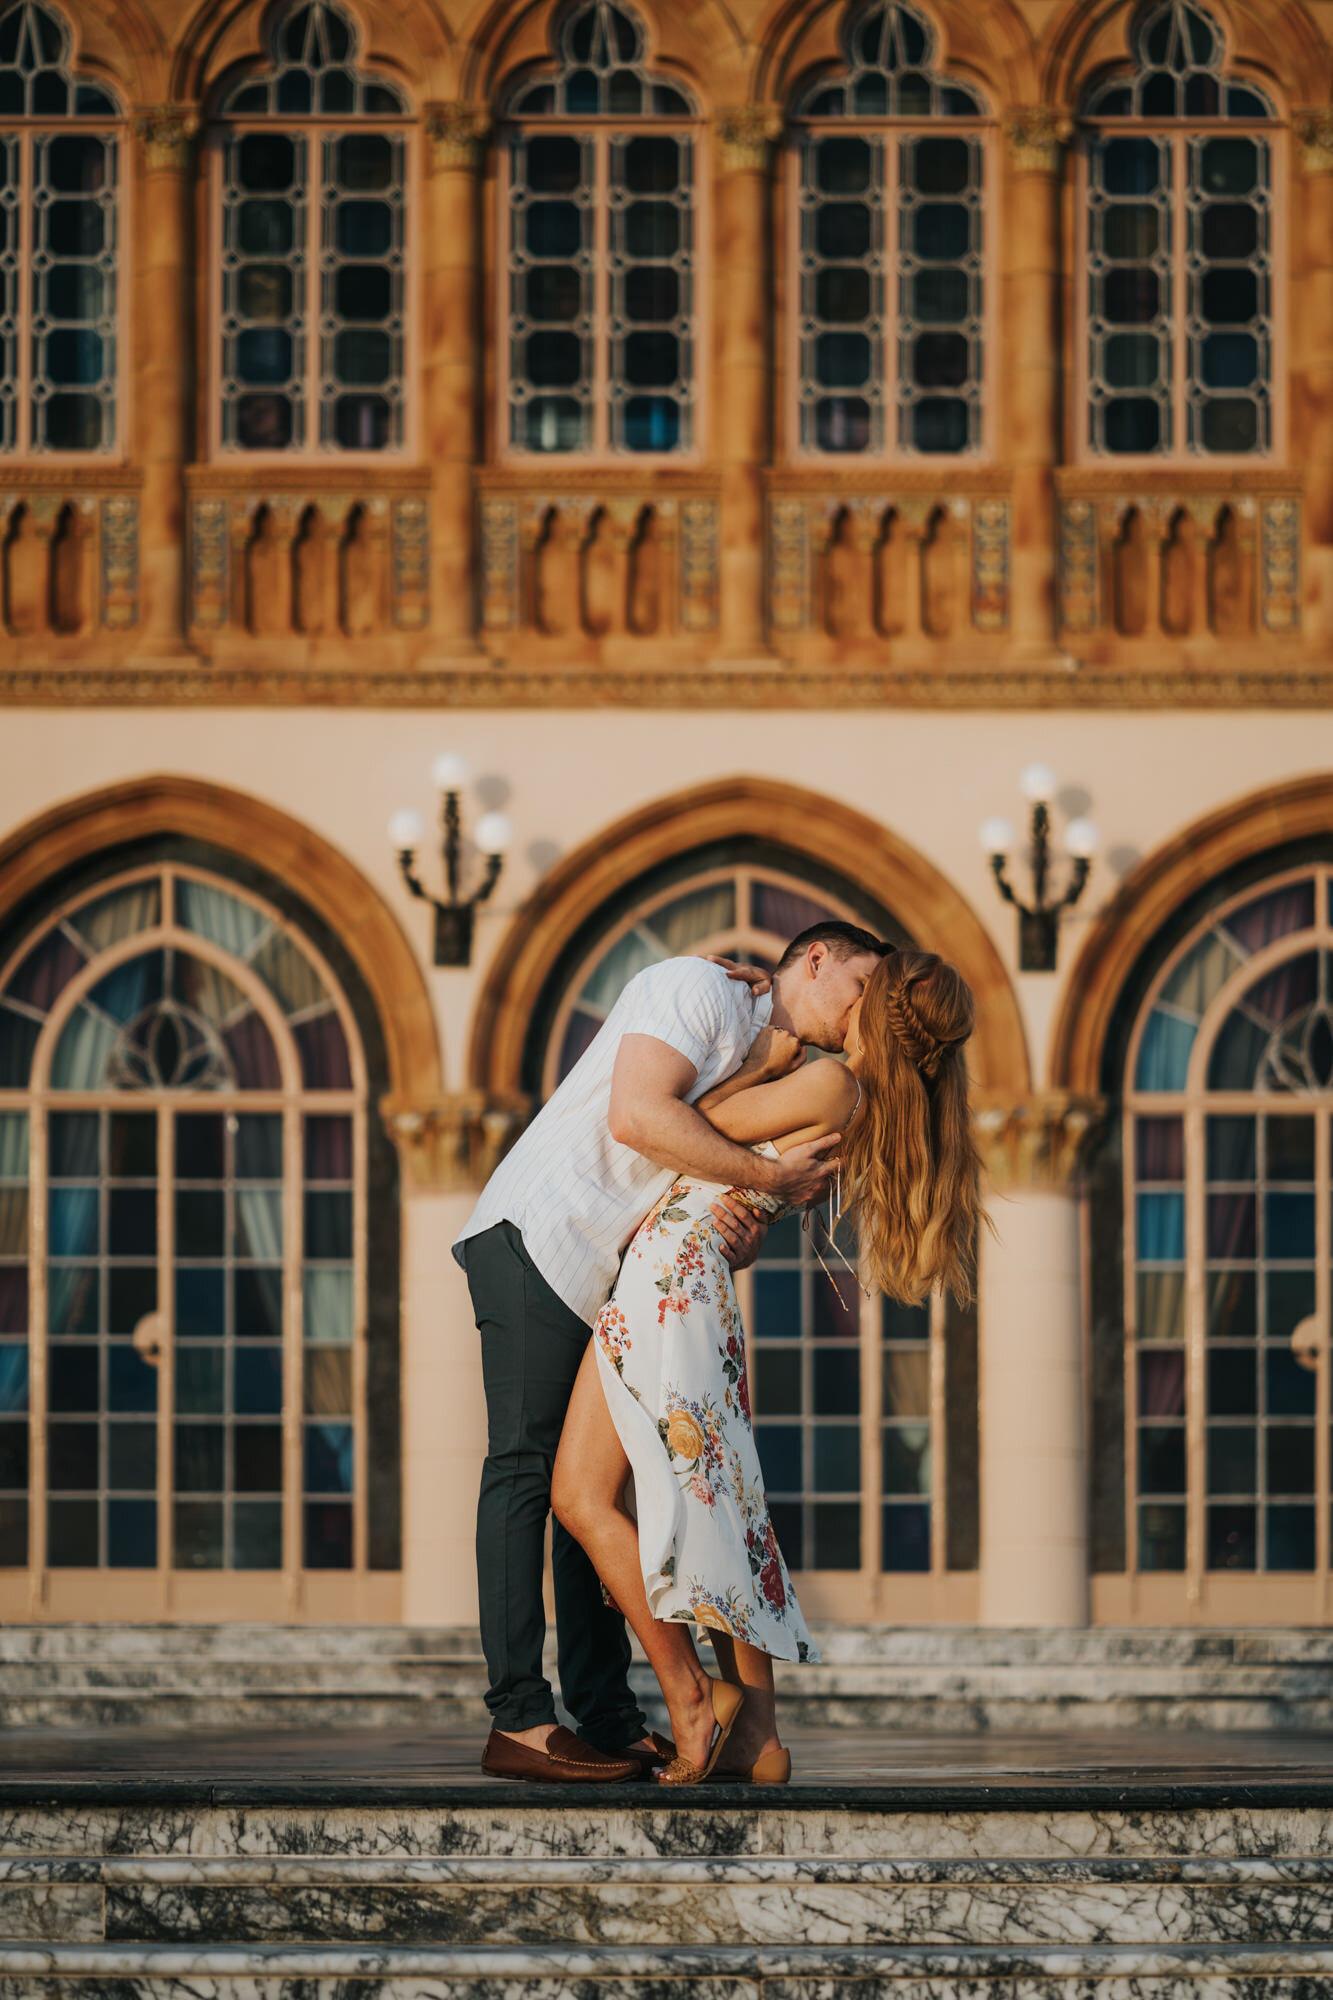 110Zack_Heidi_Engagement_6-27-19.jpg